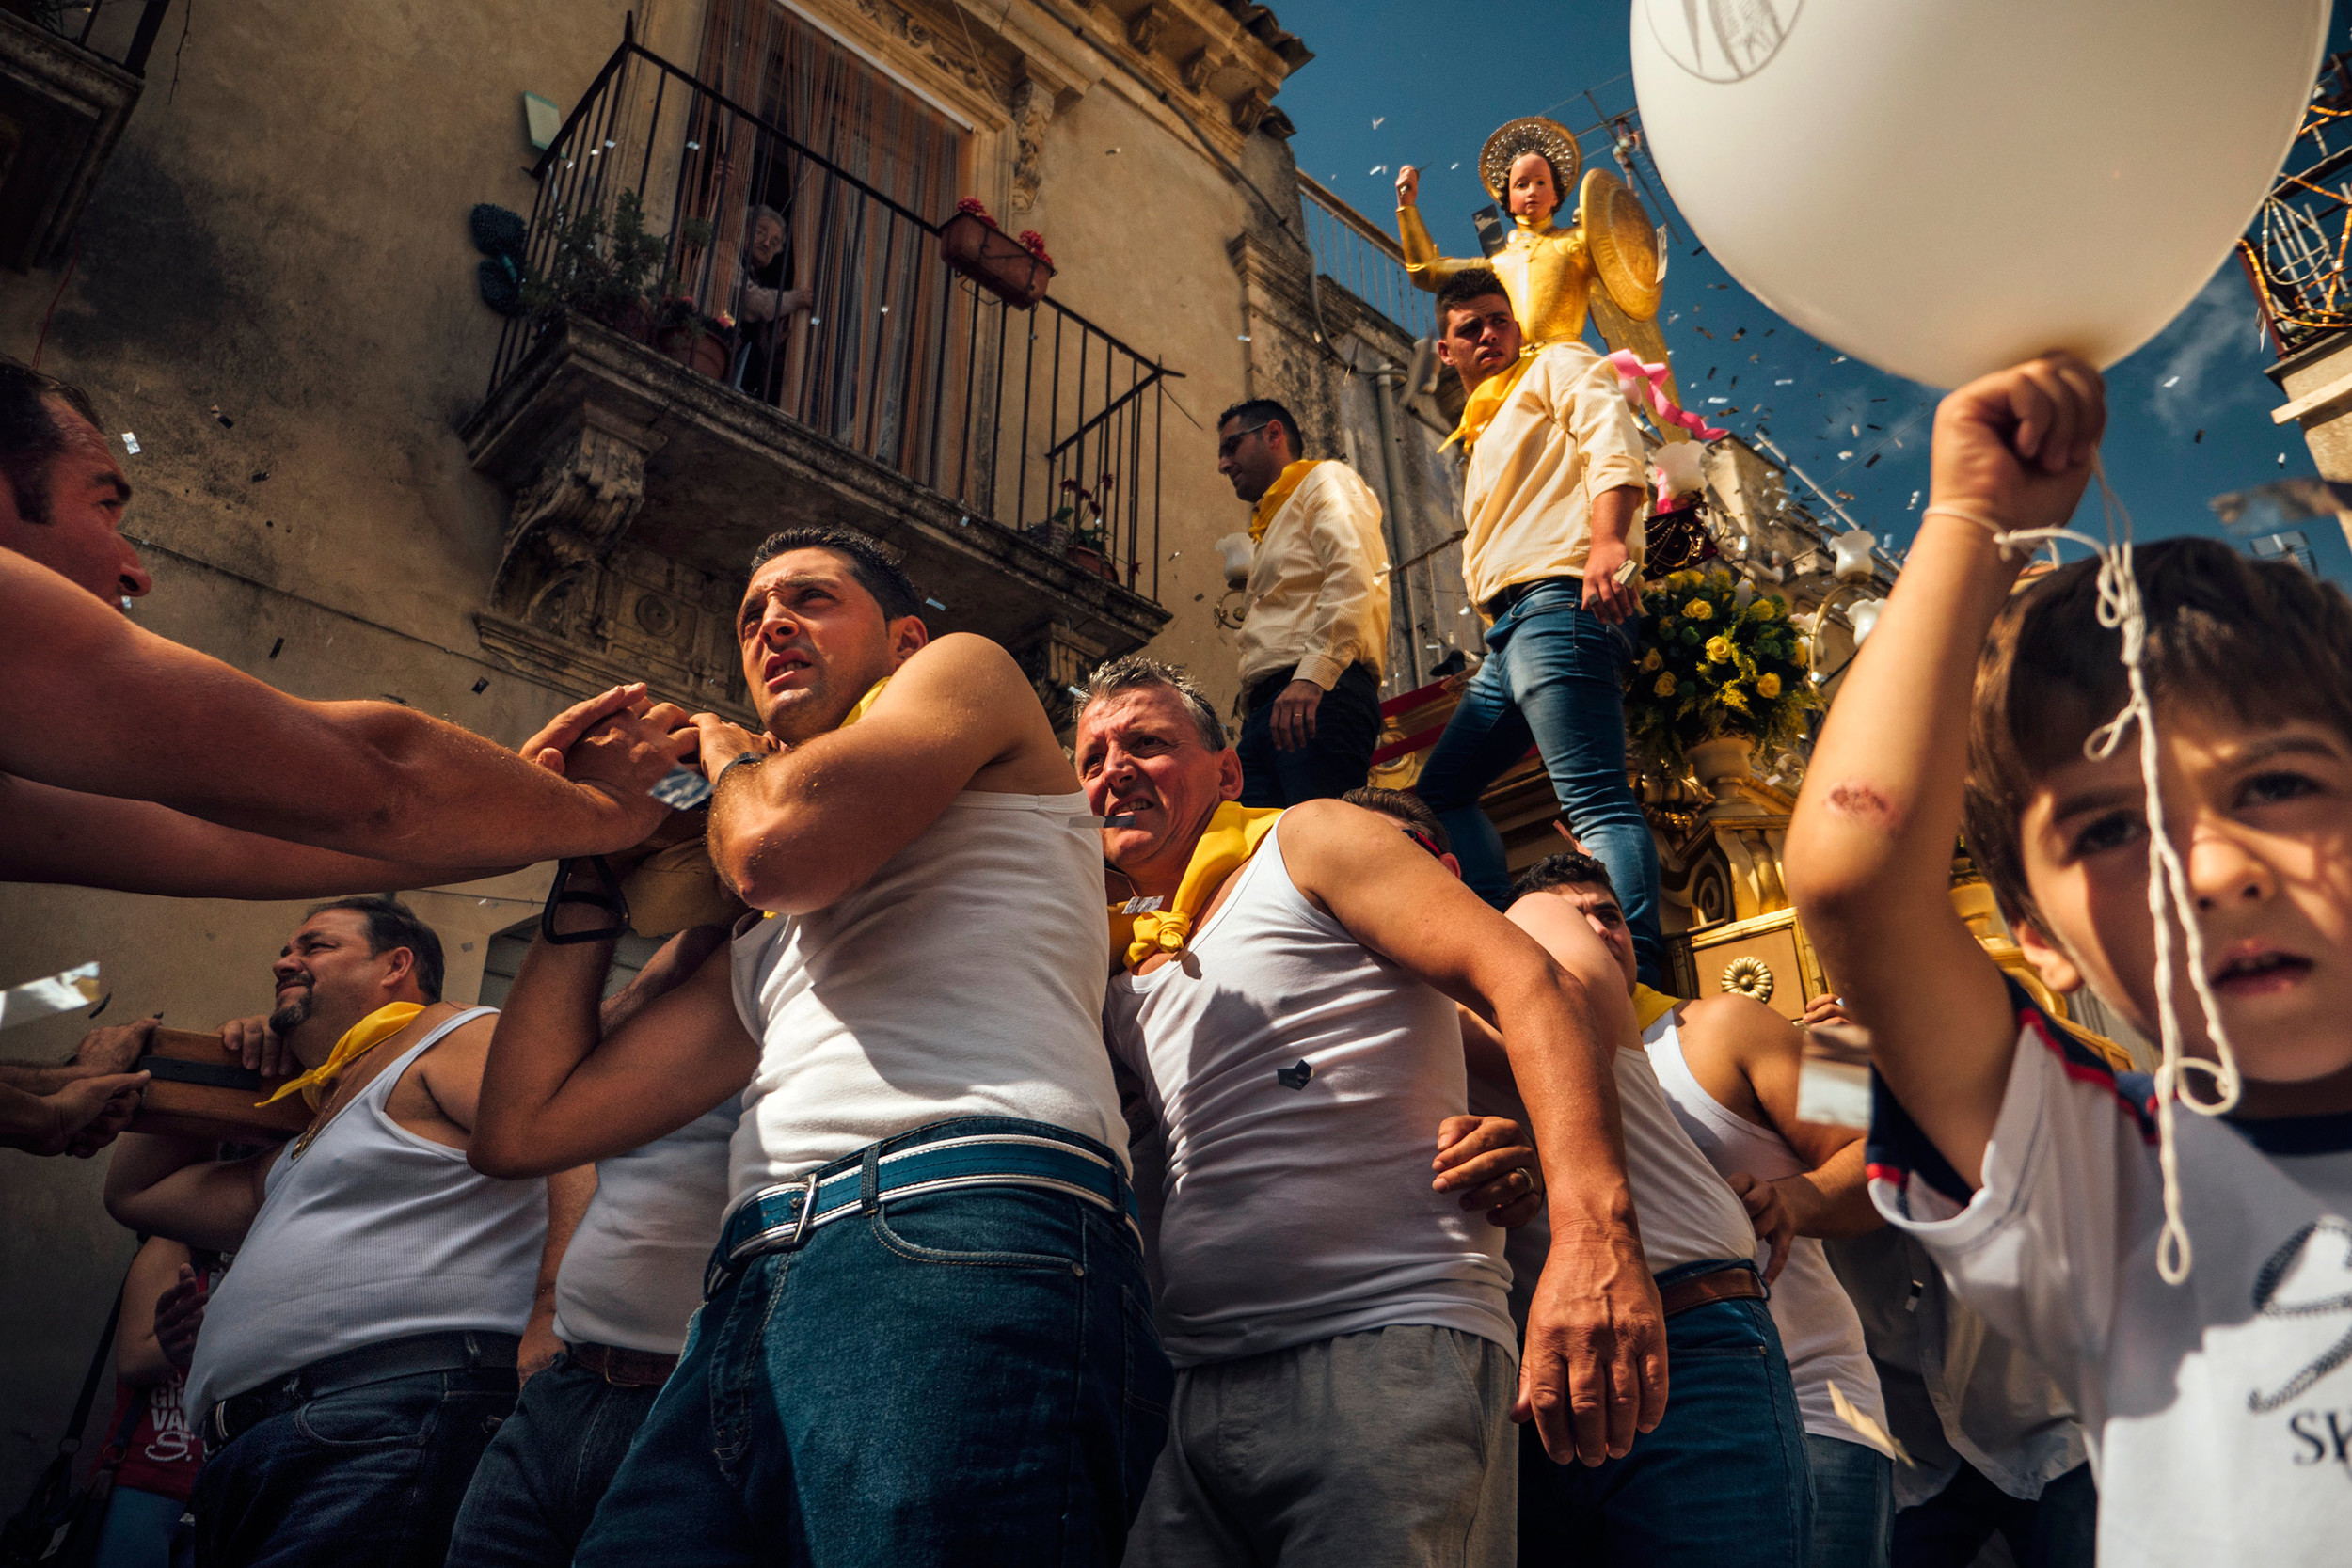 Procession in Sicily